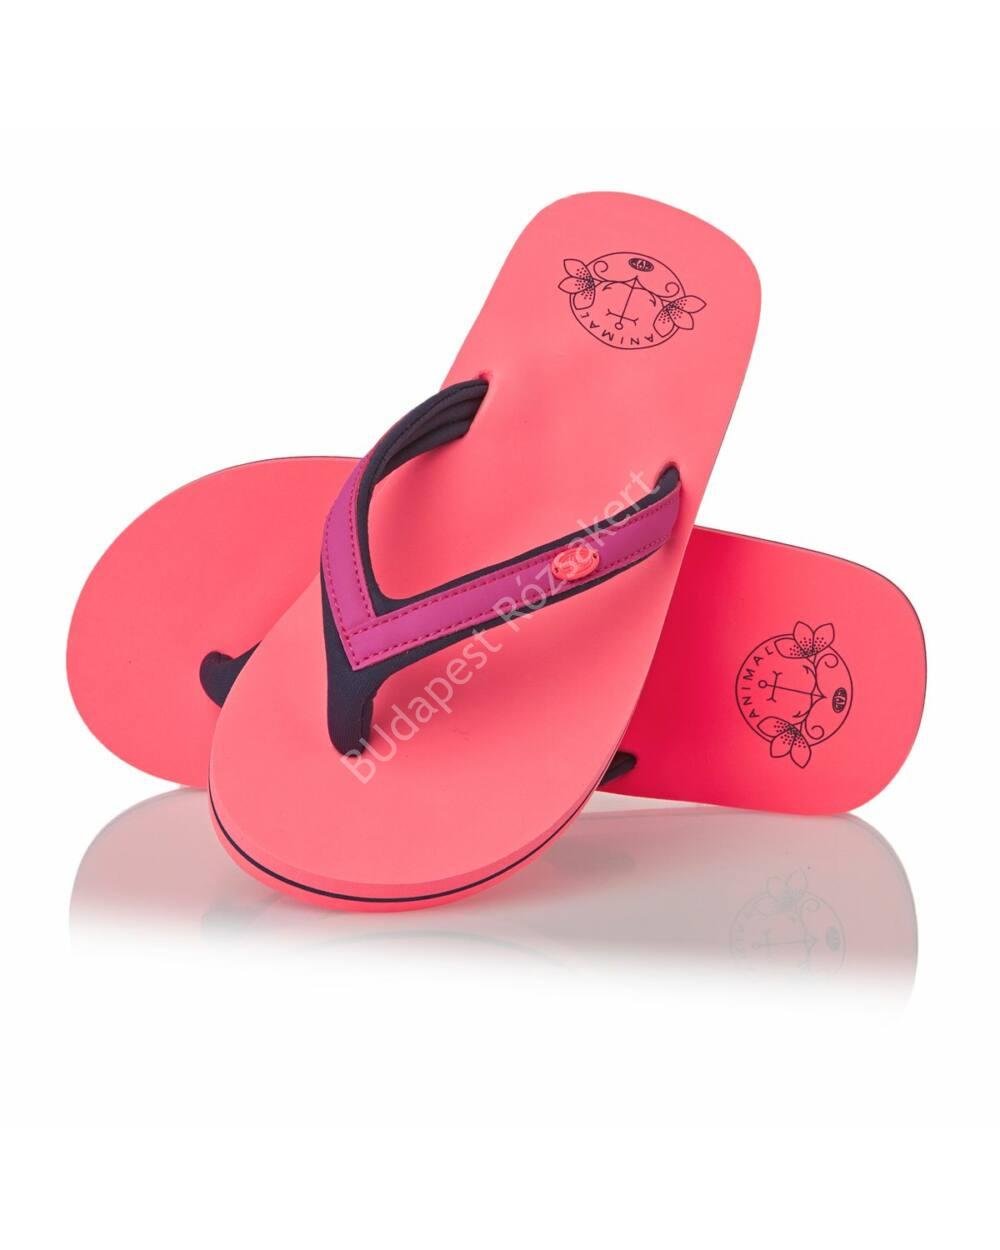 Animal flip-flop papucs nőknek, neonnarancs-pink, 38